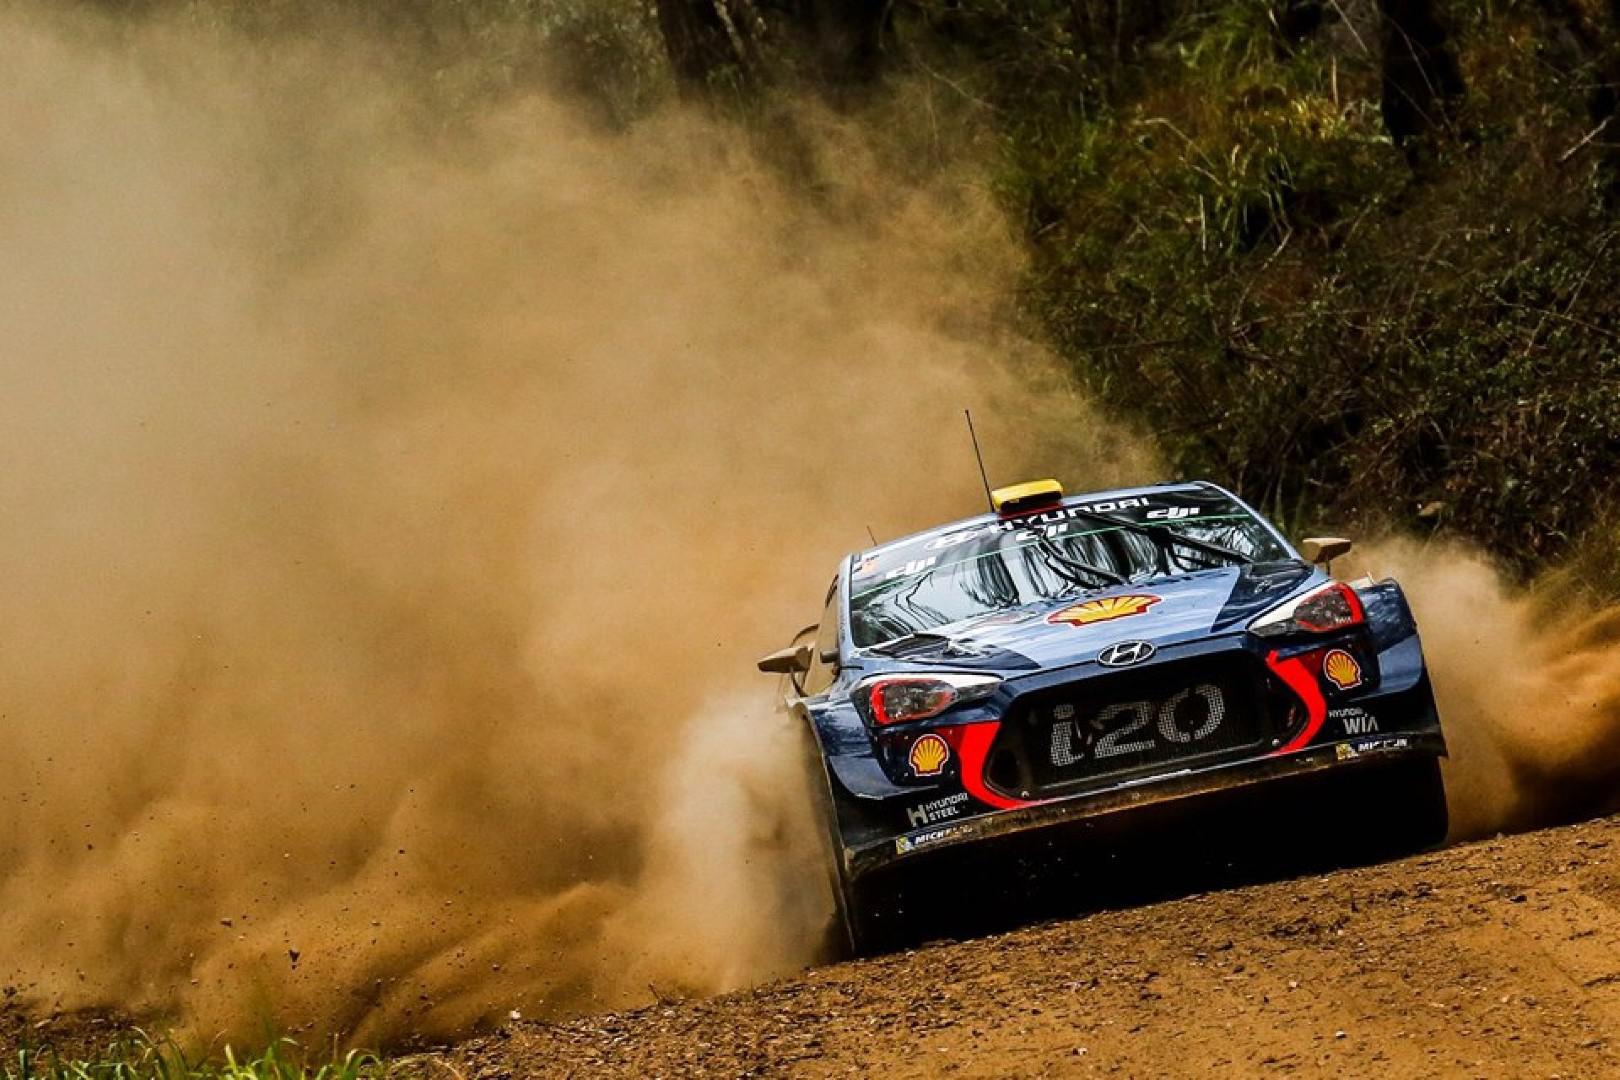 Rallye d'Australie 2017 : Mikkelsen abandonne, Neuville leader.